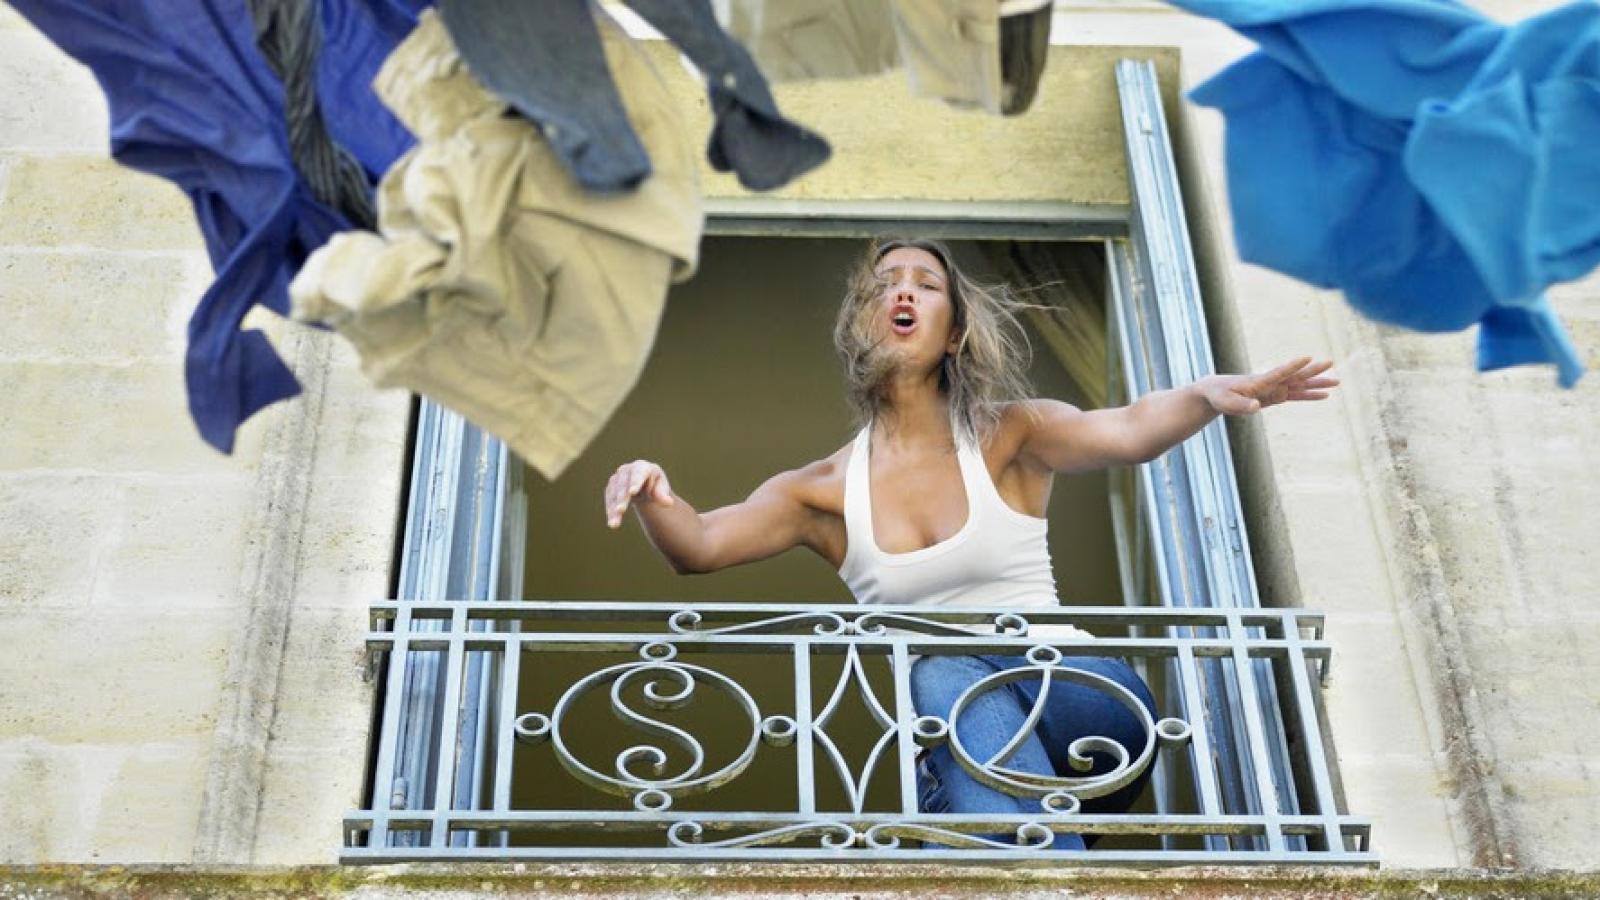 Вологжанка выкинула вещи мужа с балкона